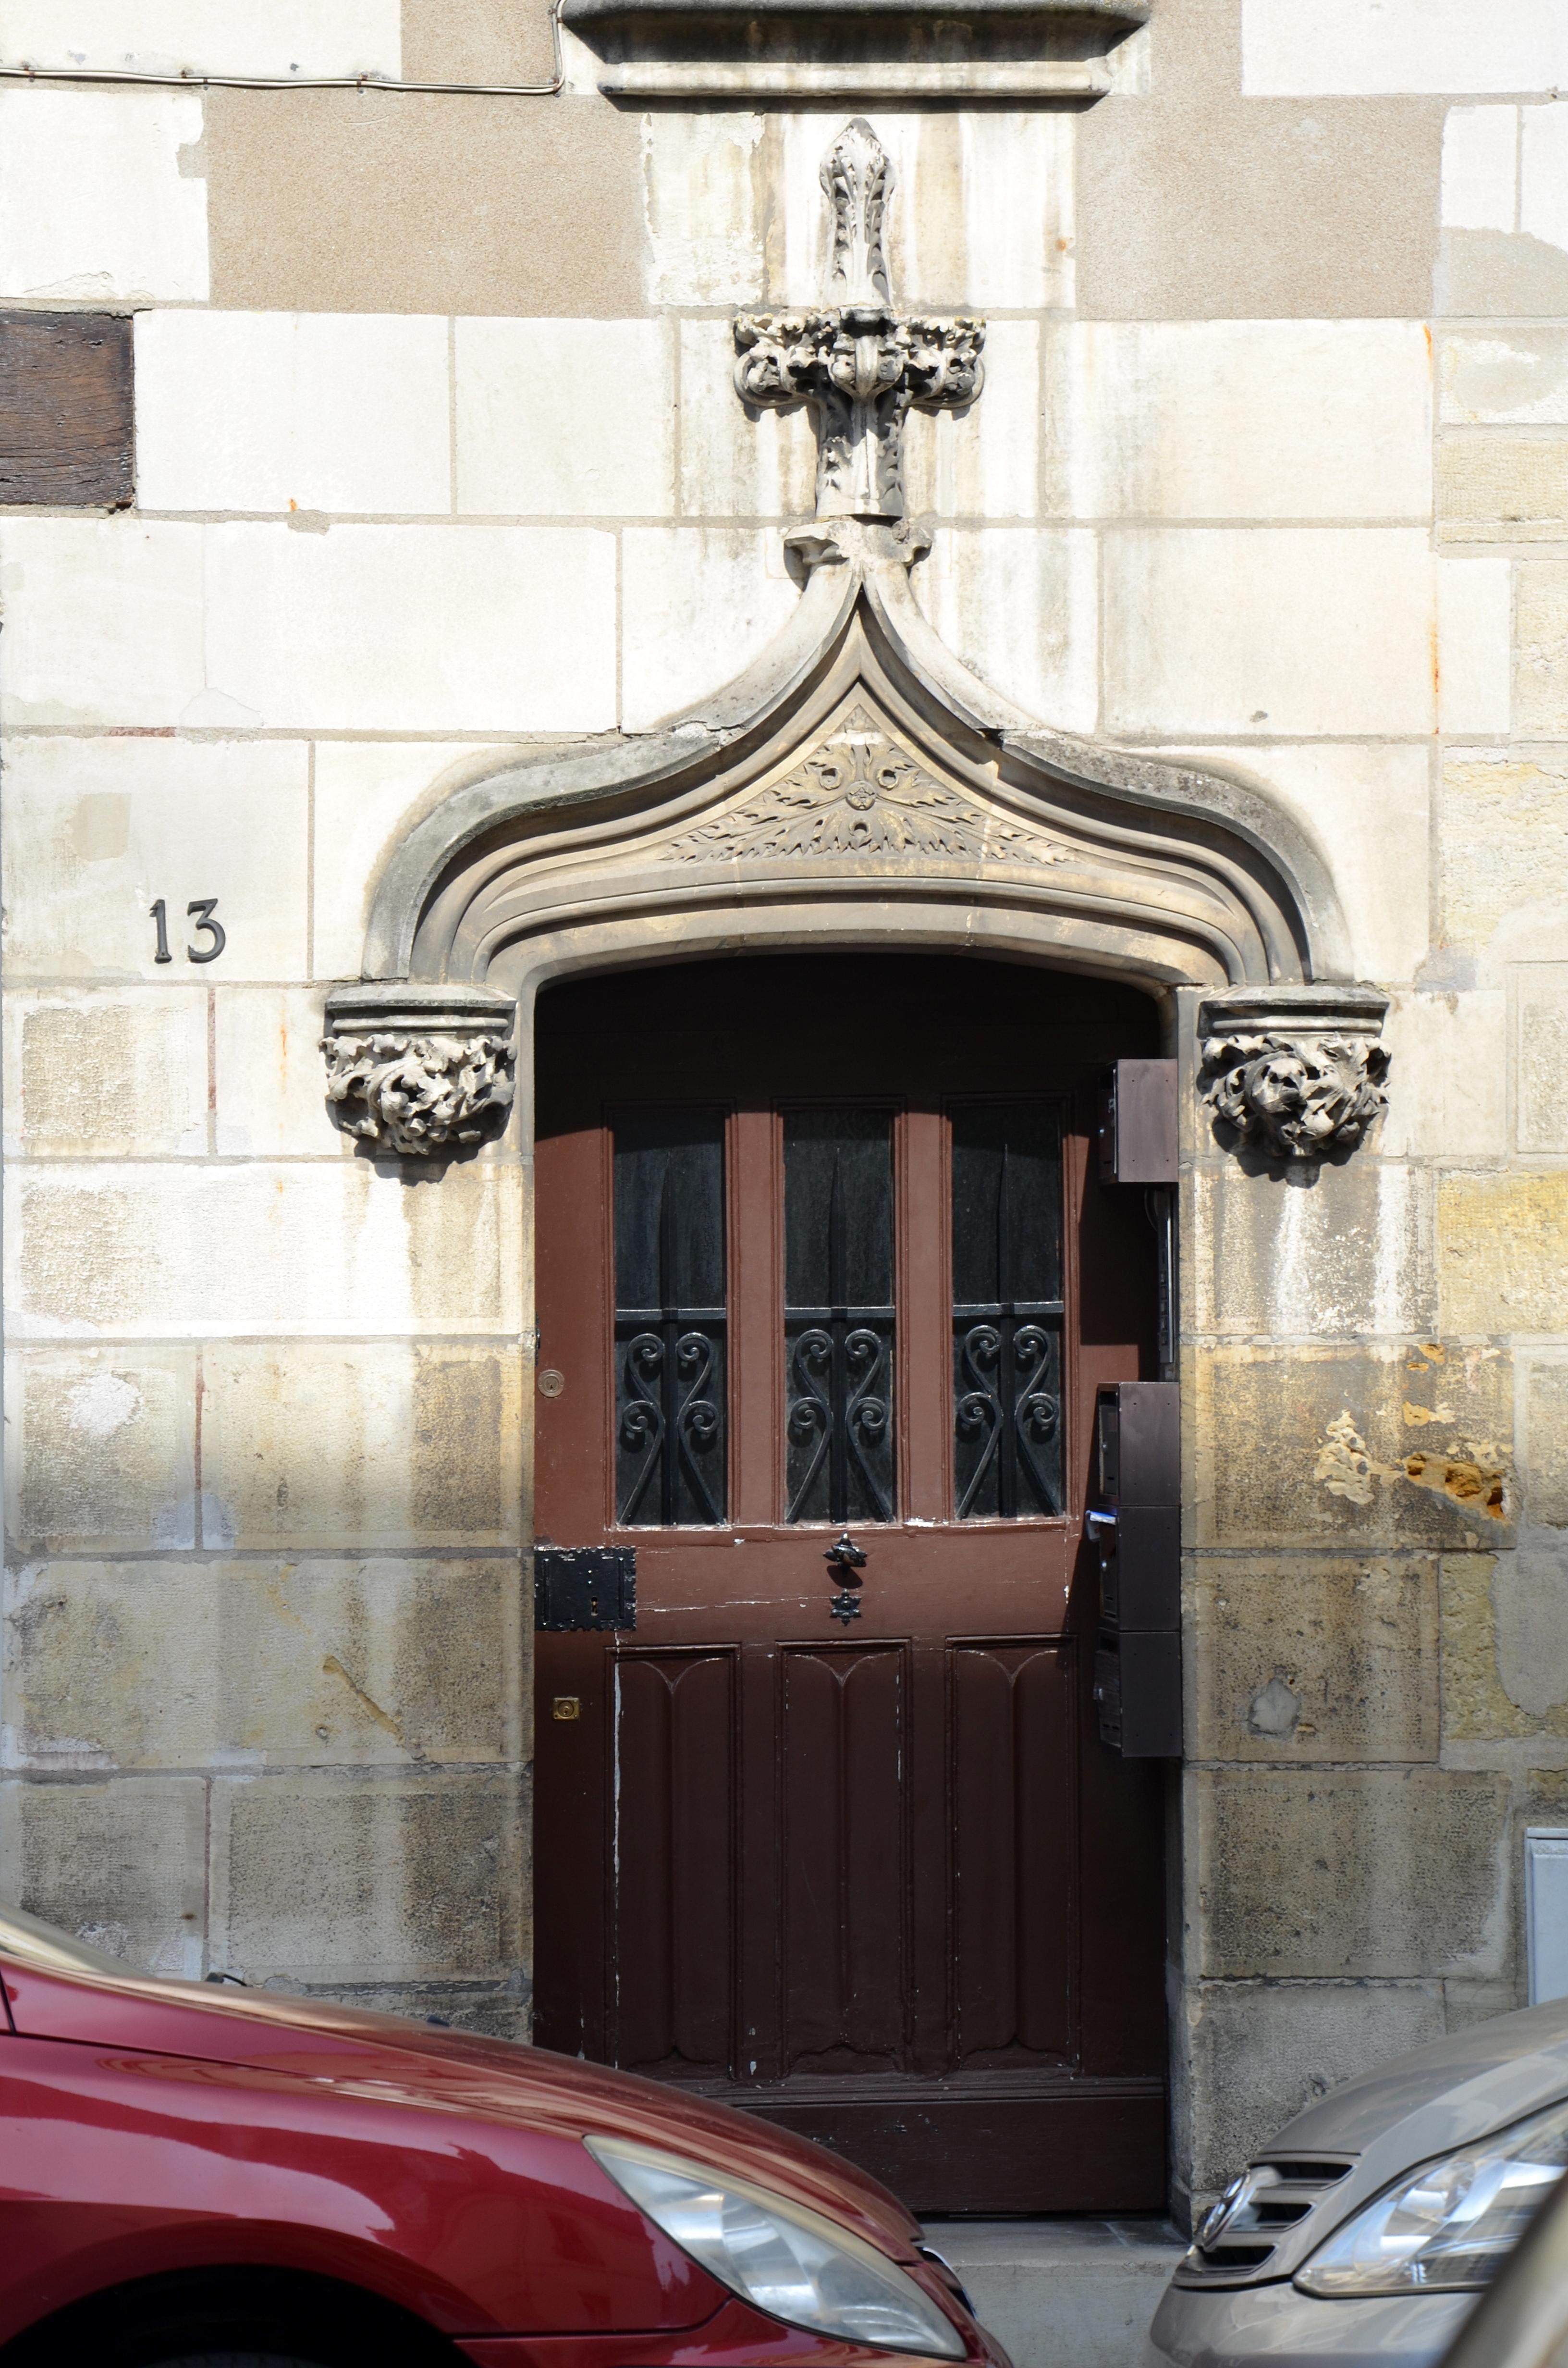 file entree de l 39 hotel particulier dit jean briconnet 13 rue du chateauneuf a tours dsc. Black Bedroom Furniture Sets. Home Design Ideas